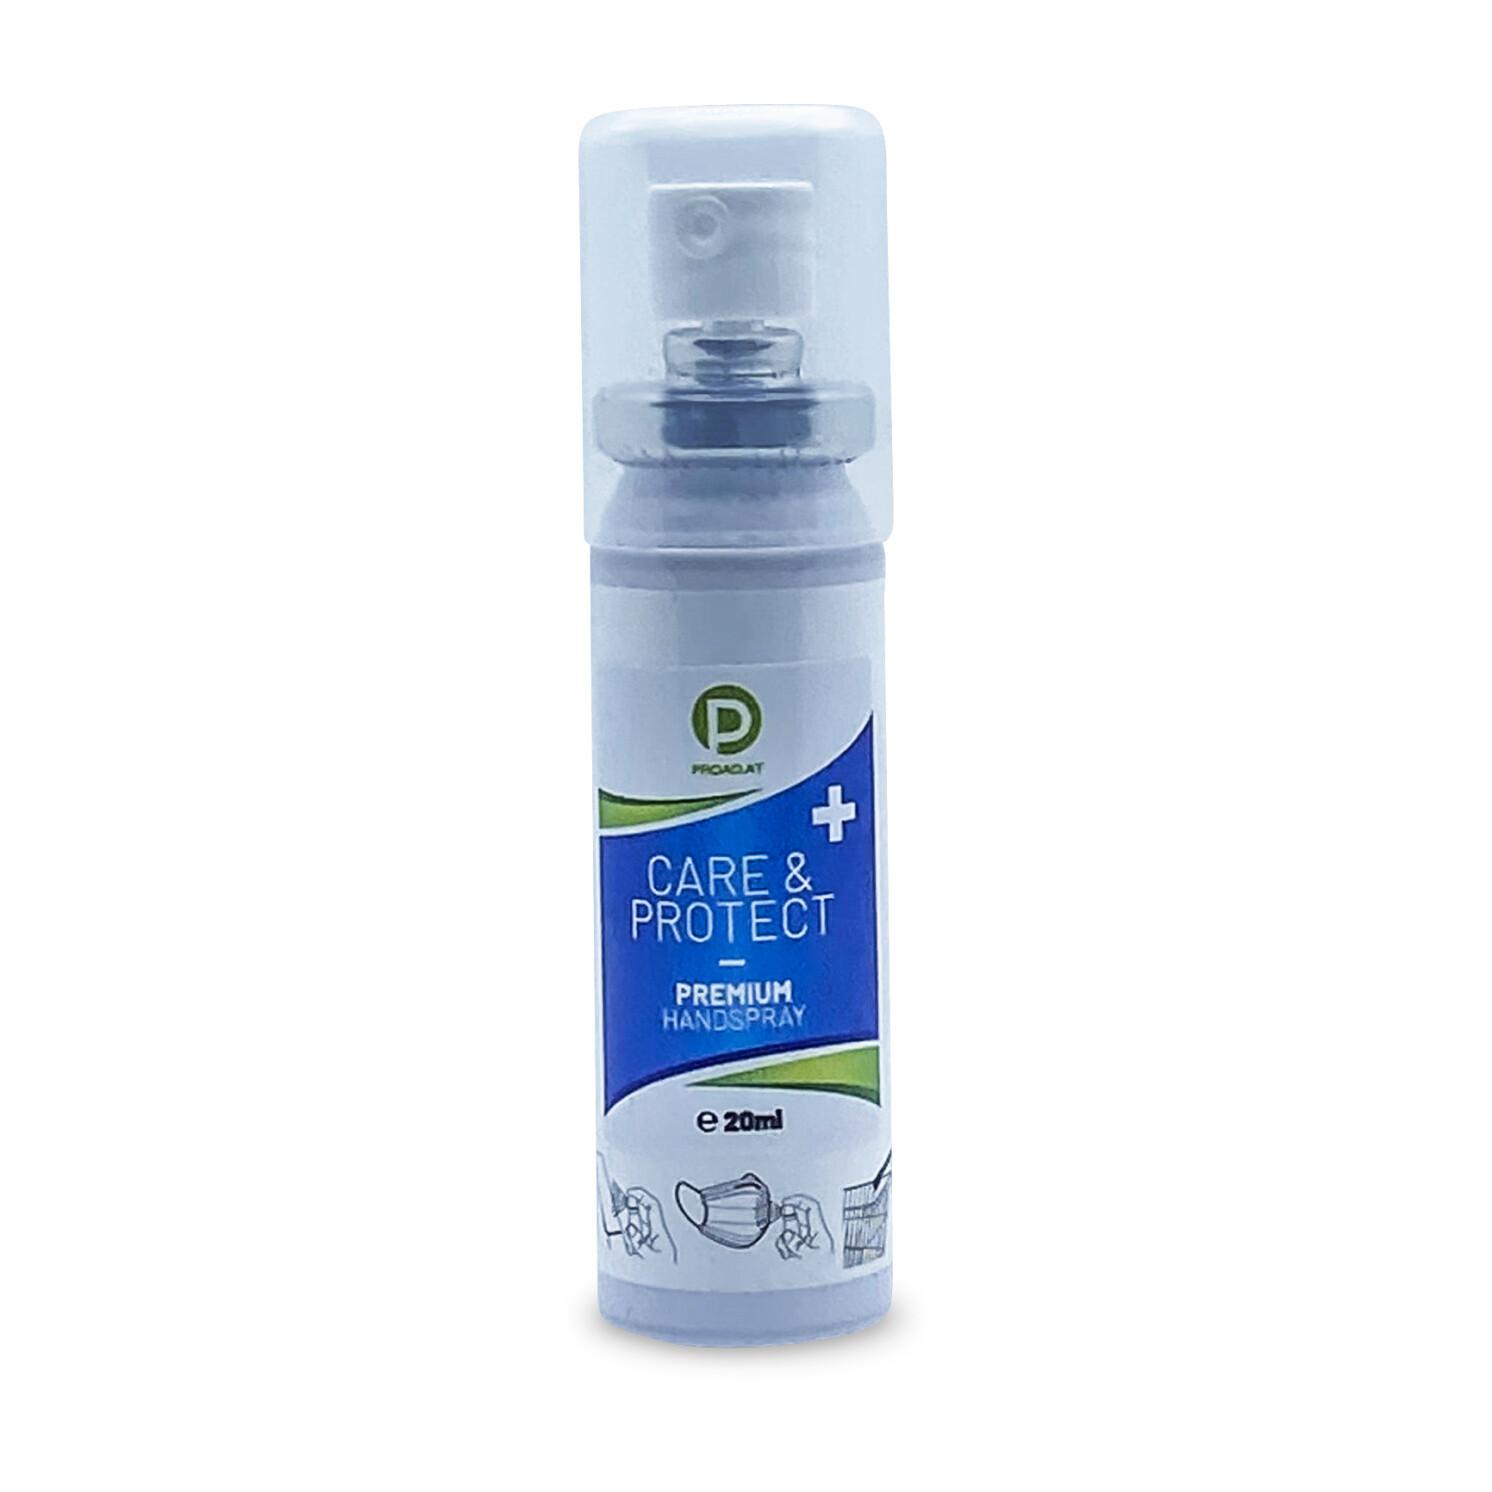 Hygienischer Premium Spray - 20 ml